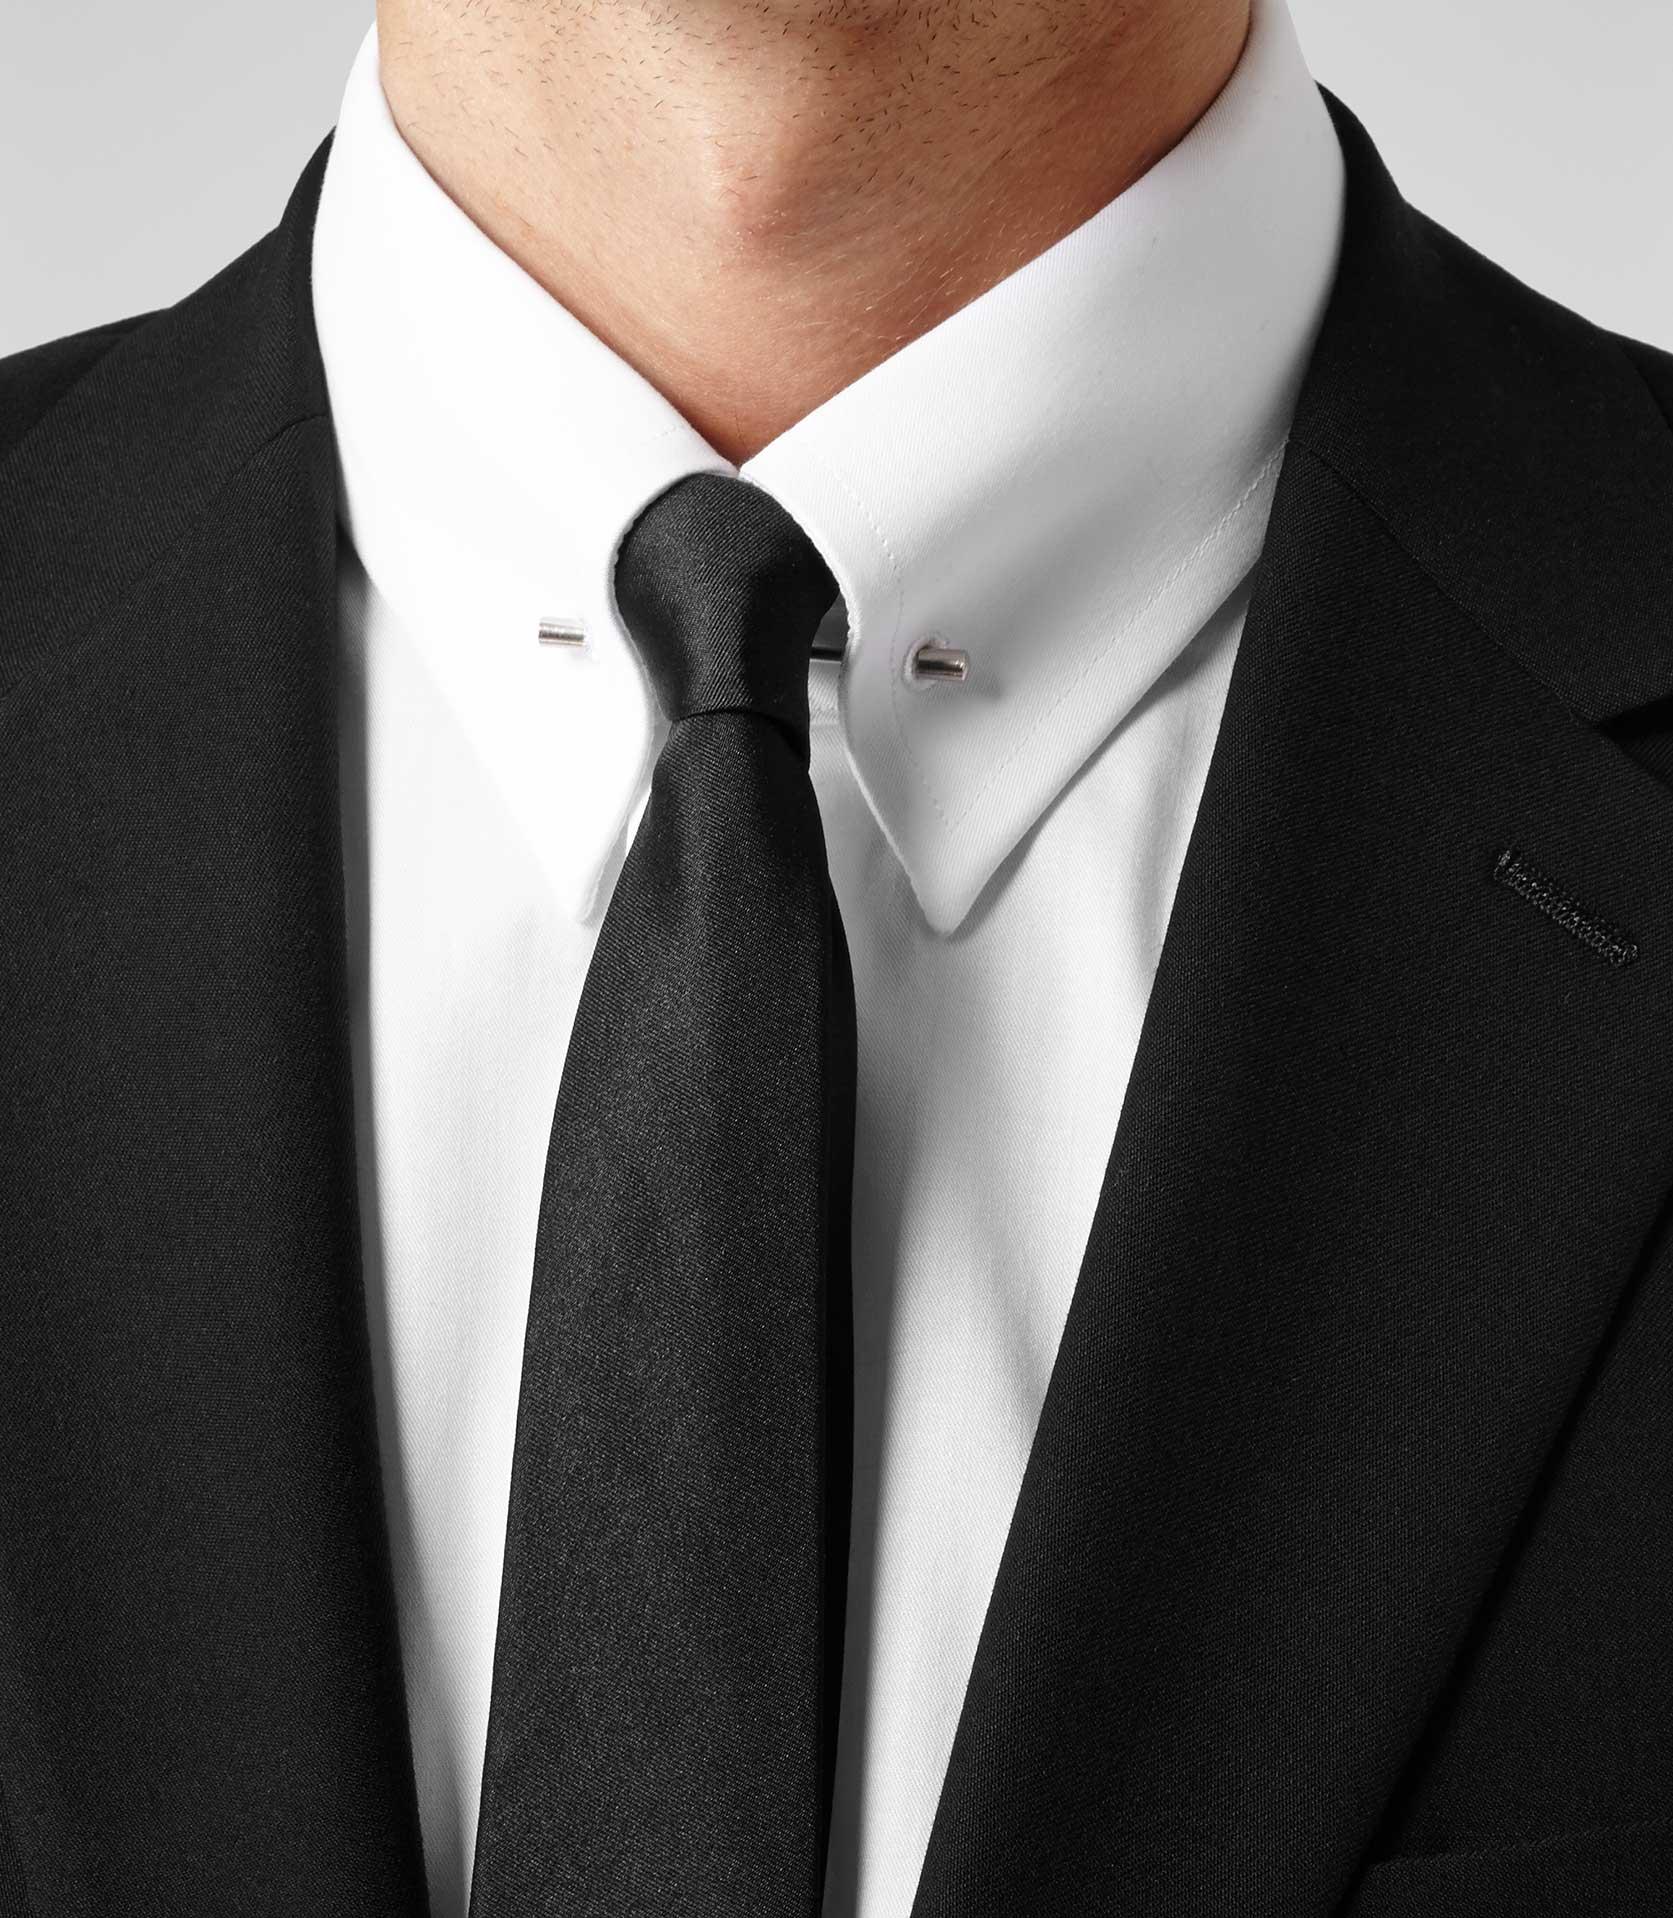 a6d95c6b981 Lyst - Reiss Belfort Collar Pin Shirt in White for Men